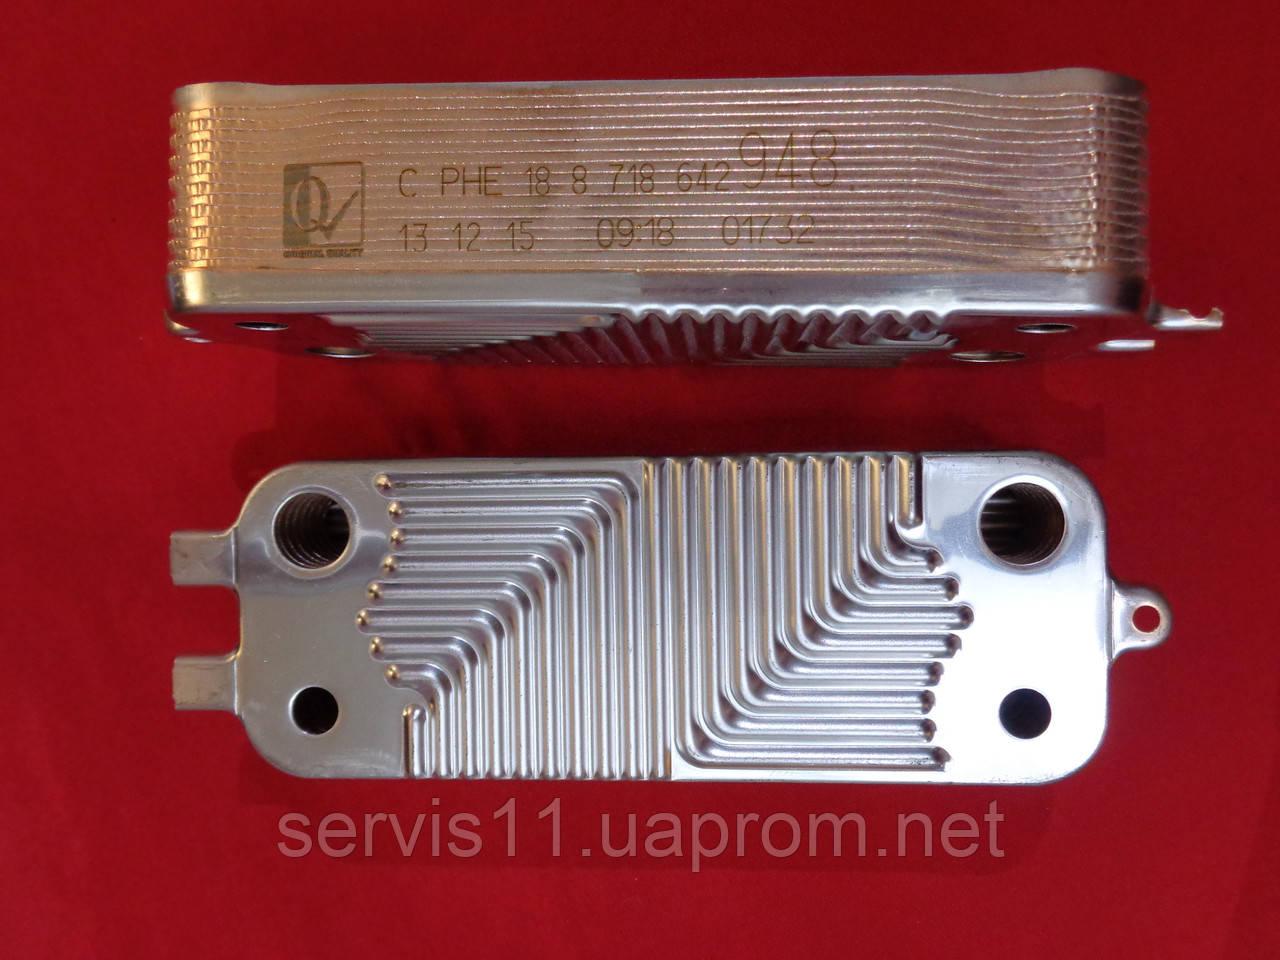 Теплообменник buderus купить Кожухотрубный испаритель Alfa Laval DES 175 Калининград